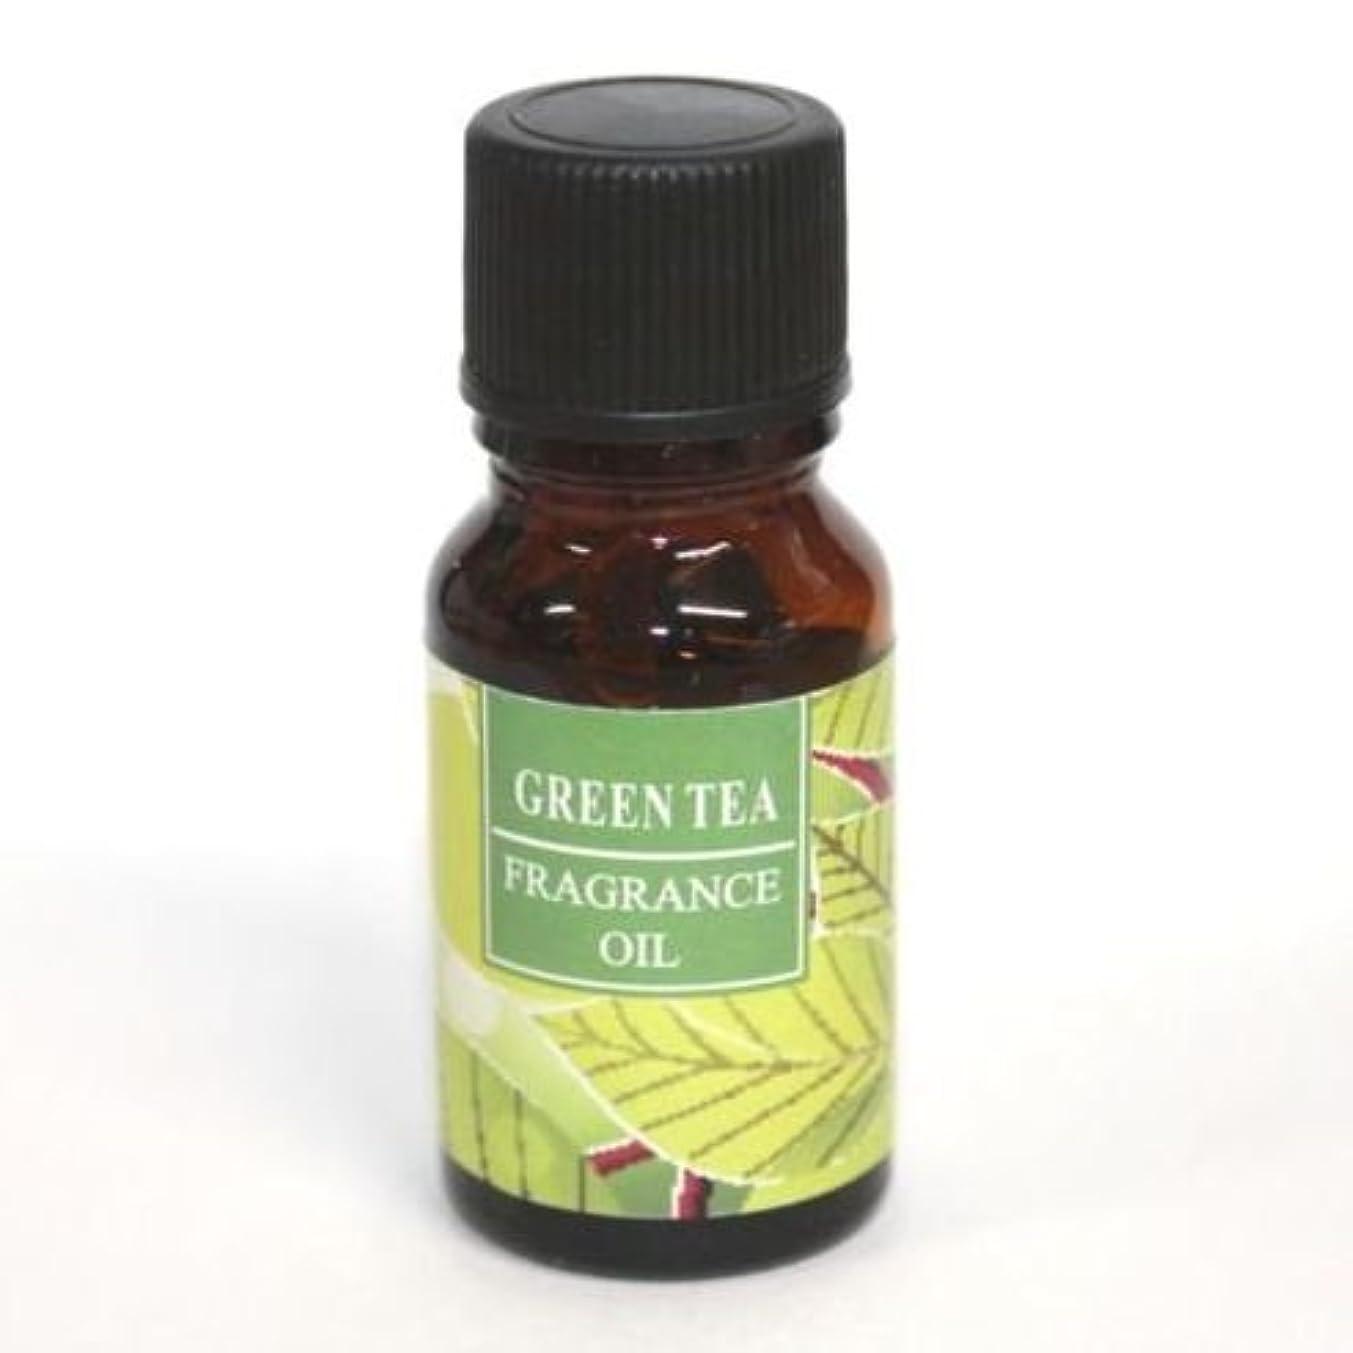 人物かごバーマドRELAXING アロマオイル AROMA OIL フレグランスオイル GREEN TEA 緑茶の香り RQ-09